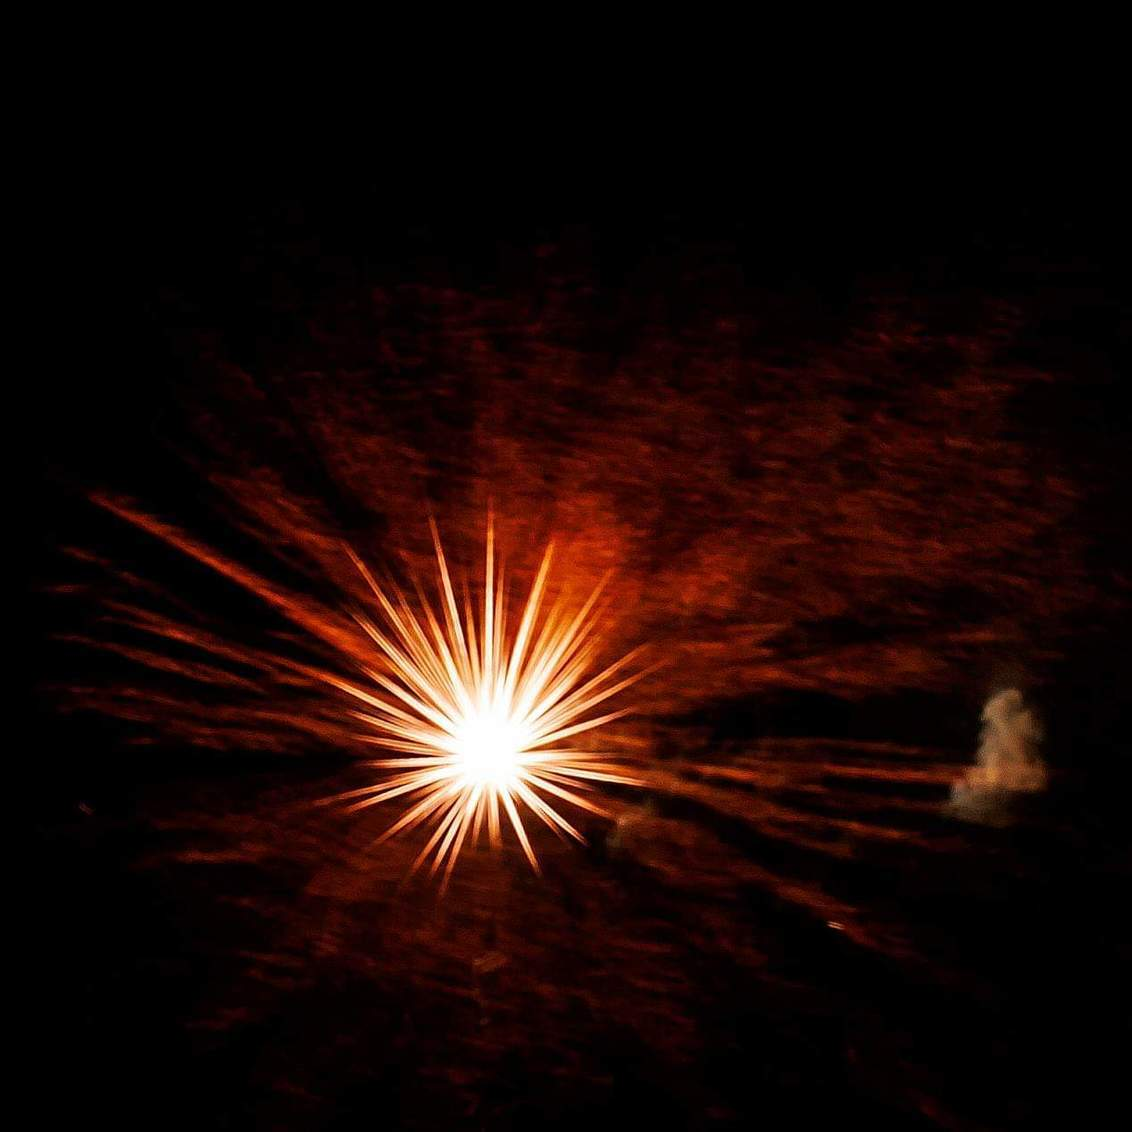 Vuurwerk - Uit de hand, zonder statief. Ik dacht 4 seconden sluitertijd. Vuurpijl met lichtbollen. Werd een ster. Mooie verrassing. - foto door Gonneponnetje op 05-01-2019 - deze foto bevat: nieuwjaar, vuurwerk, nacht, oudjaar, oudennieuw